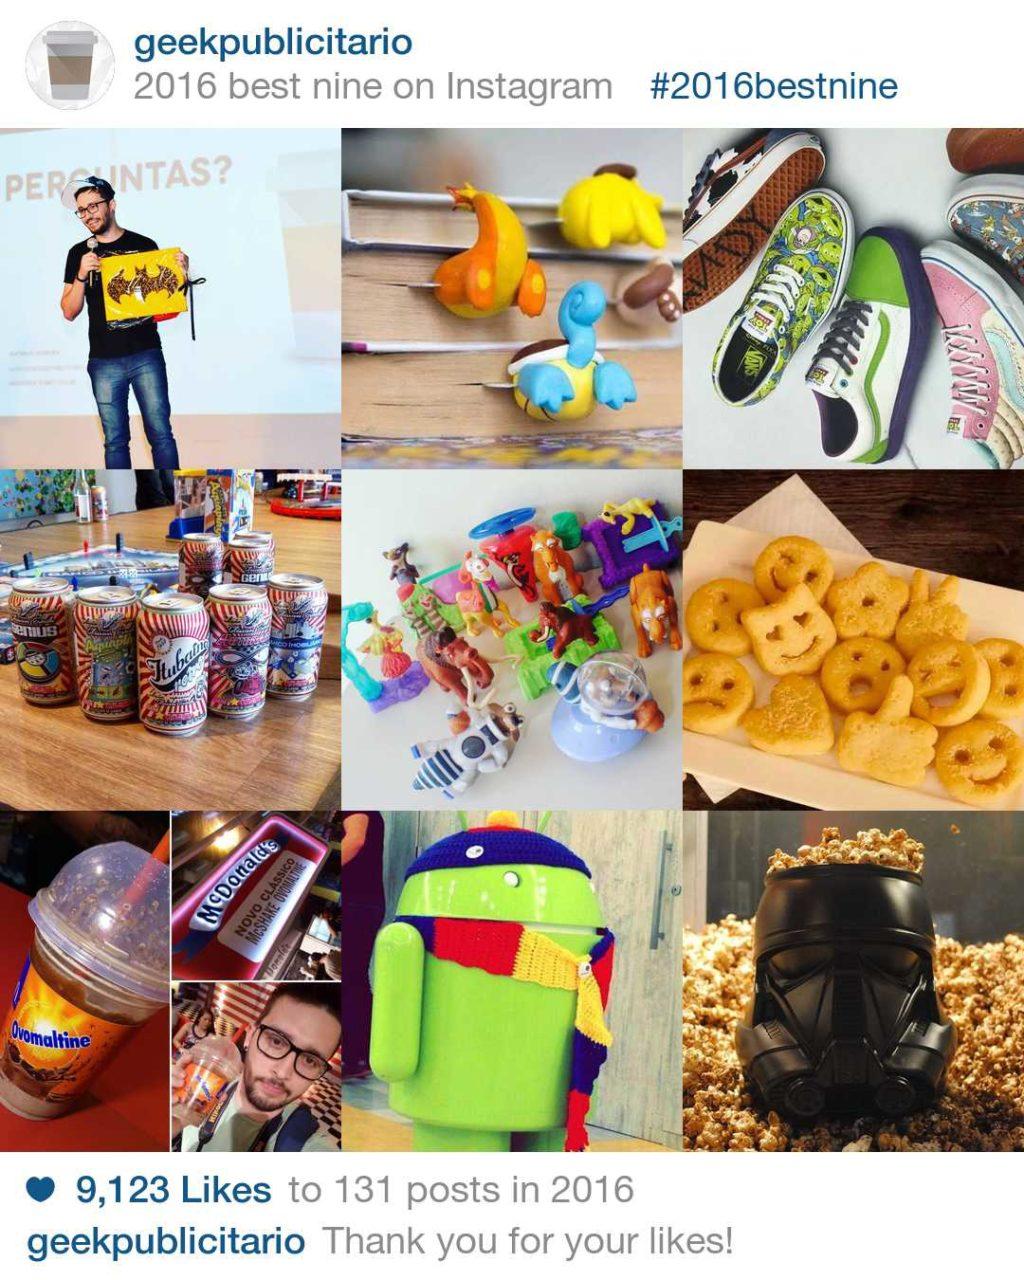 2016bestnine-retrospectiva-instagram-geek-publicitario